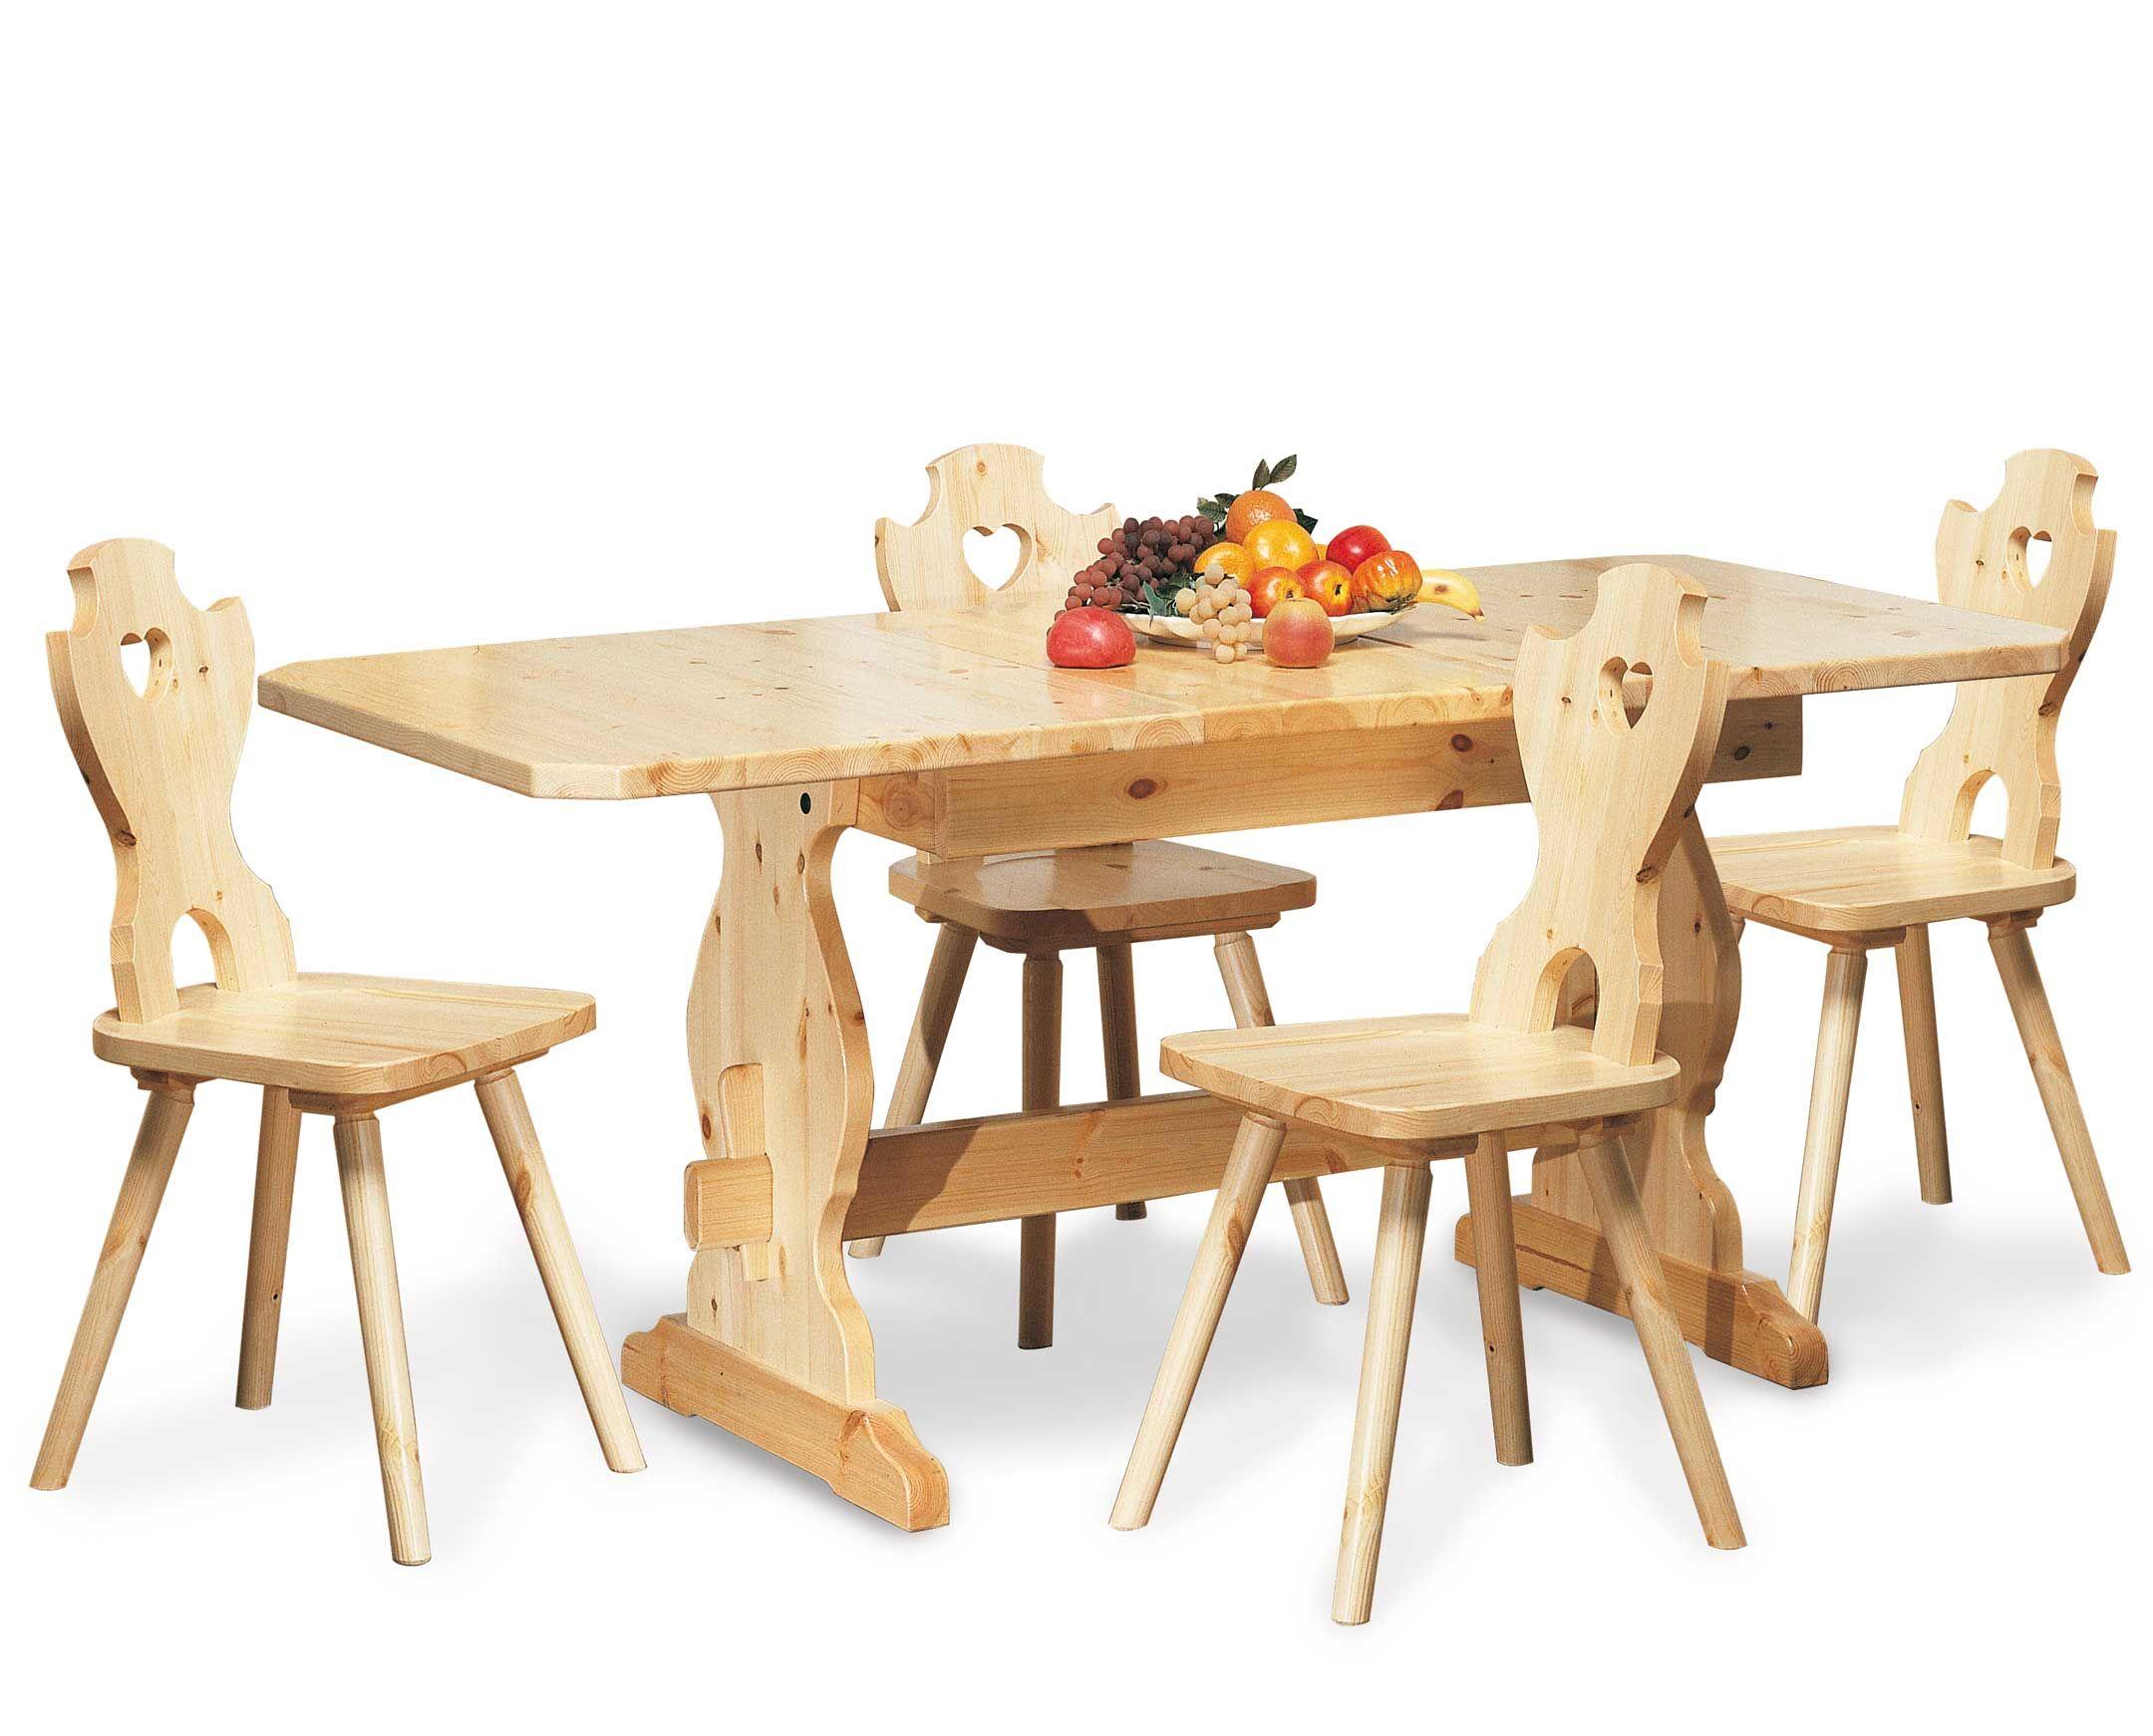 Tavolo rustico allungabile proposto in abinamento con sedie ...